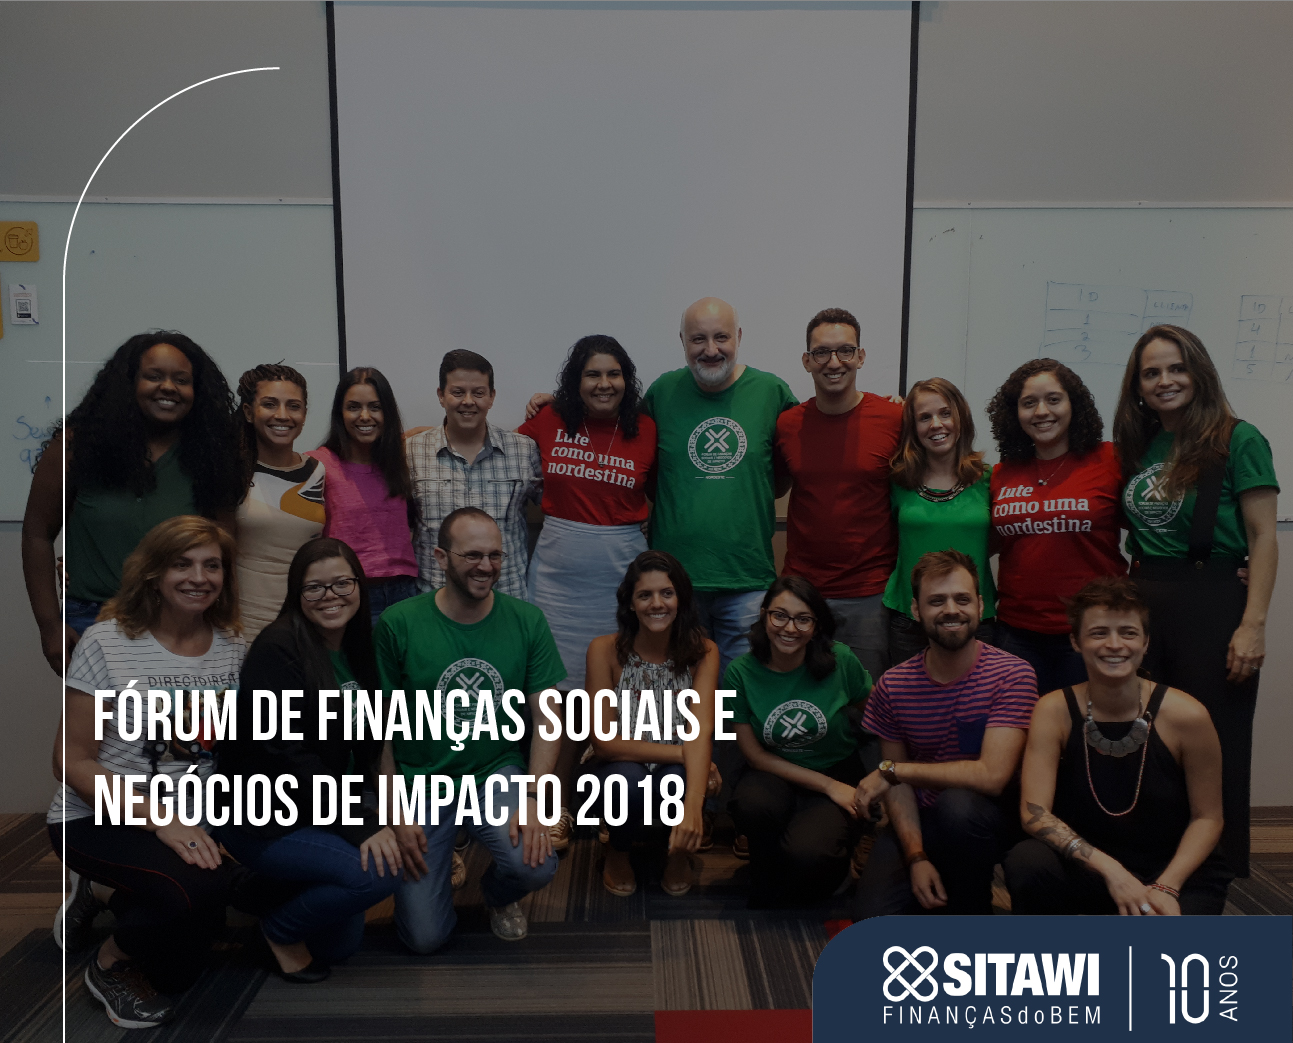 Fórum de Finanças Sociais e Negócios de Impacto 2018-05